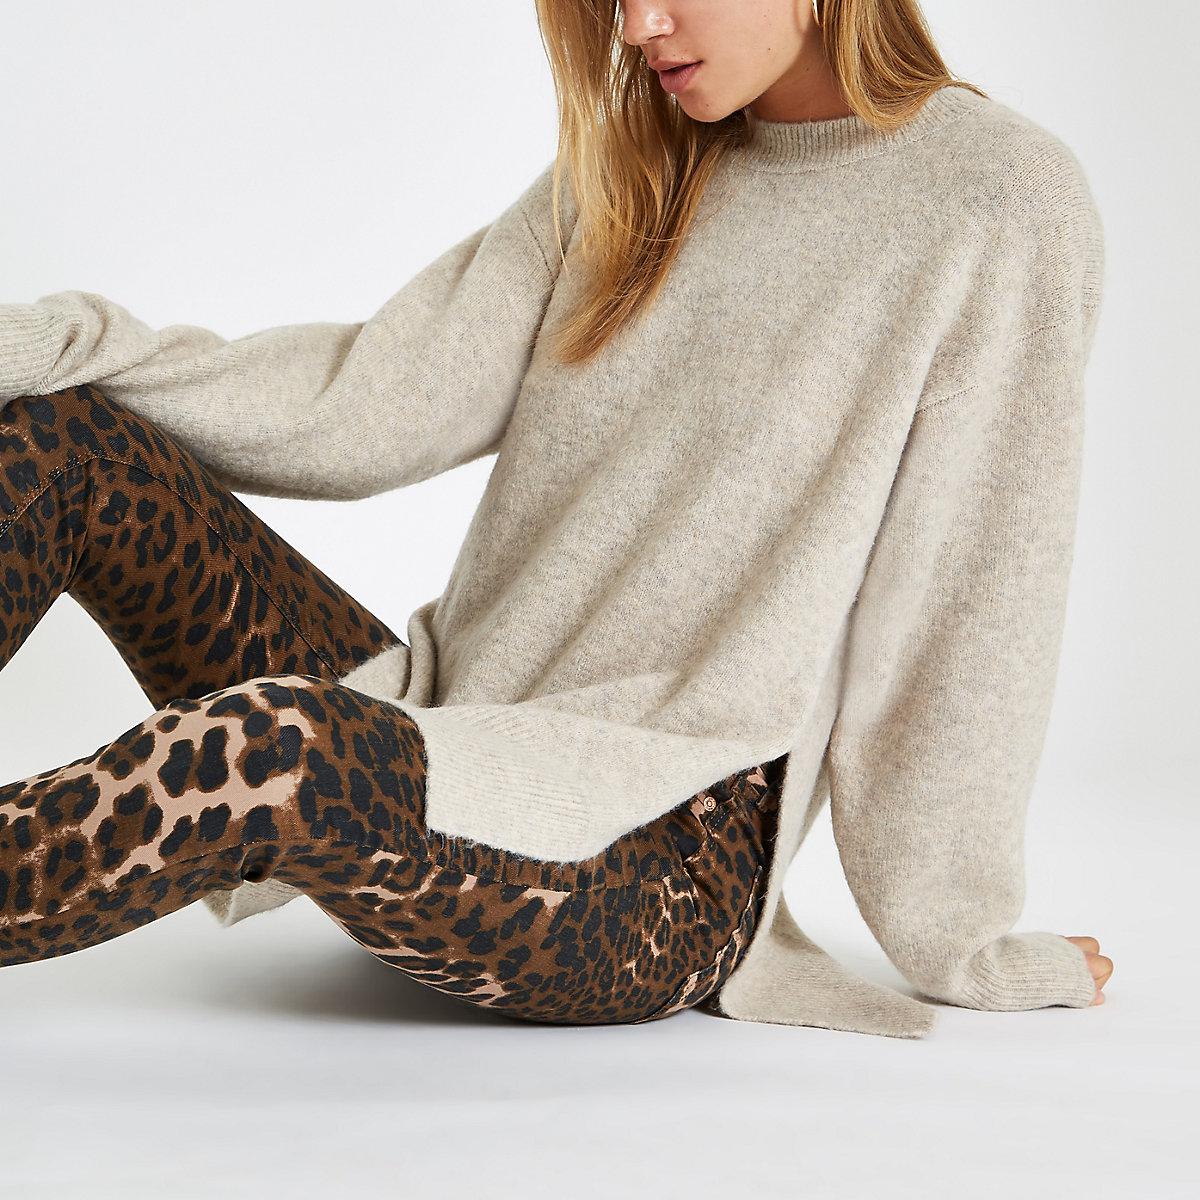 Beige split side knit sweater